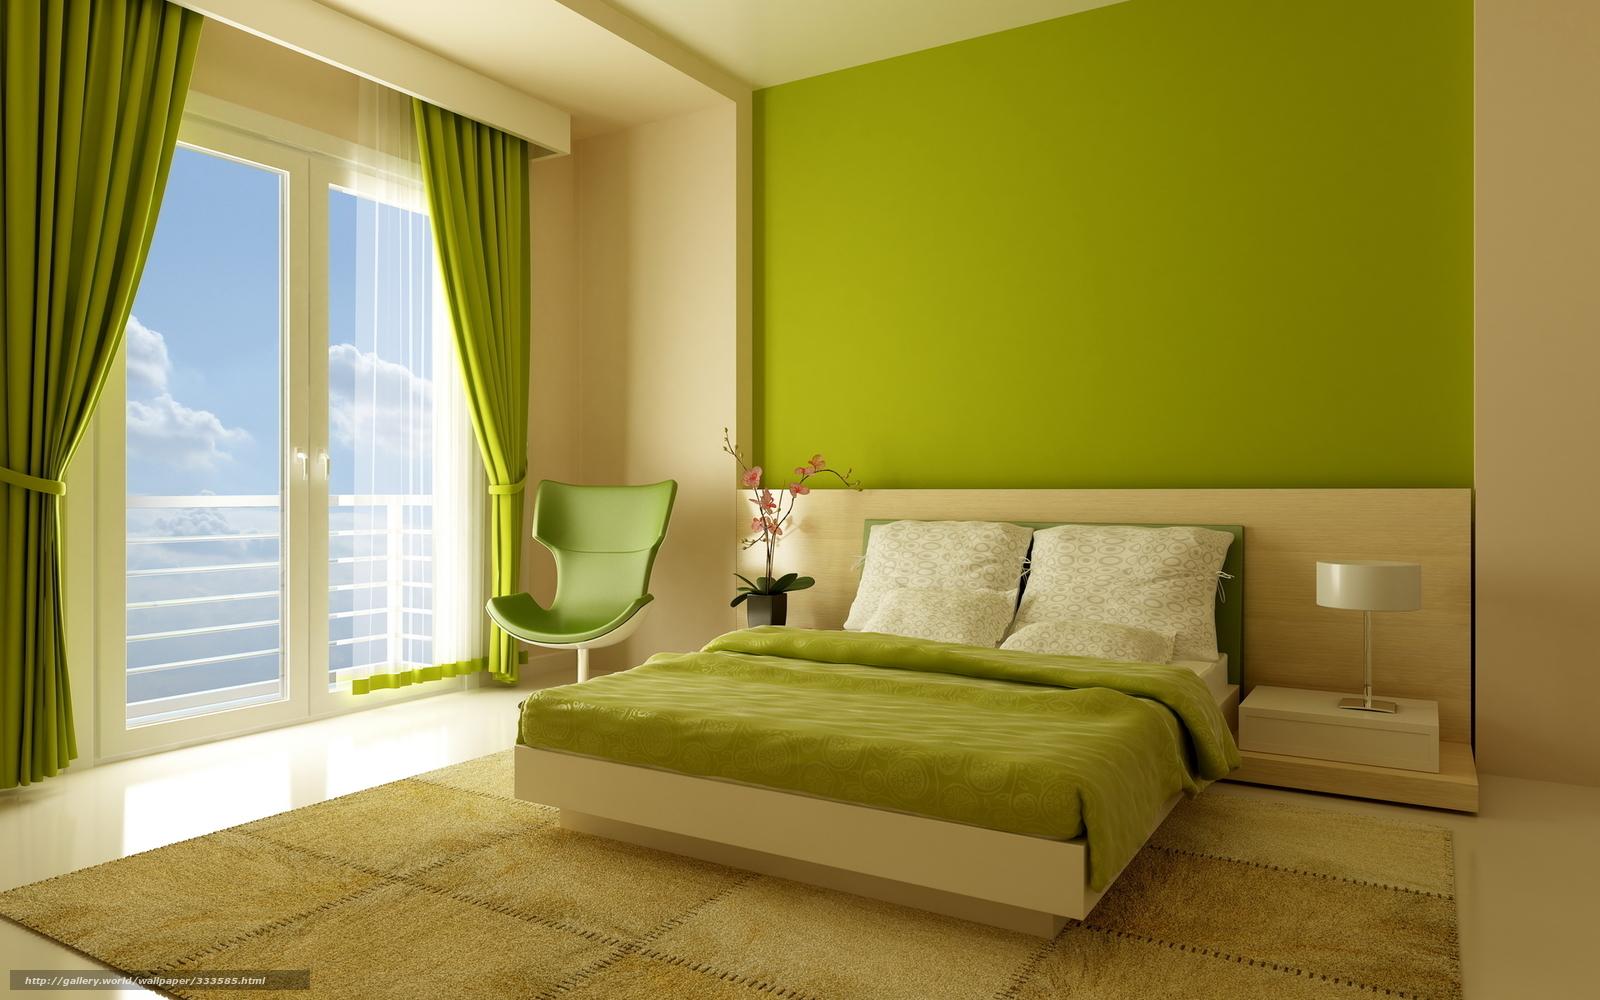 Как архитектурное и дизайнерское явление, арт-деко был основан во Франции, в 1925 году, произведя настоящий фурор на Парижской